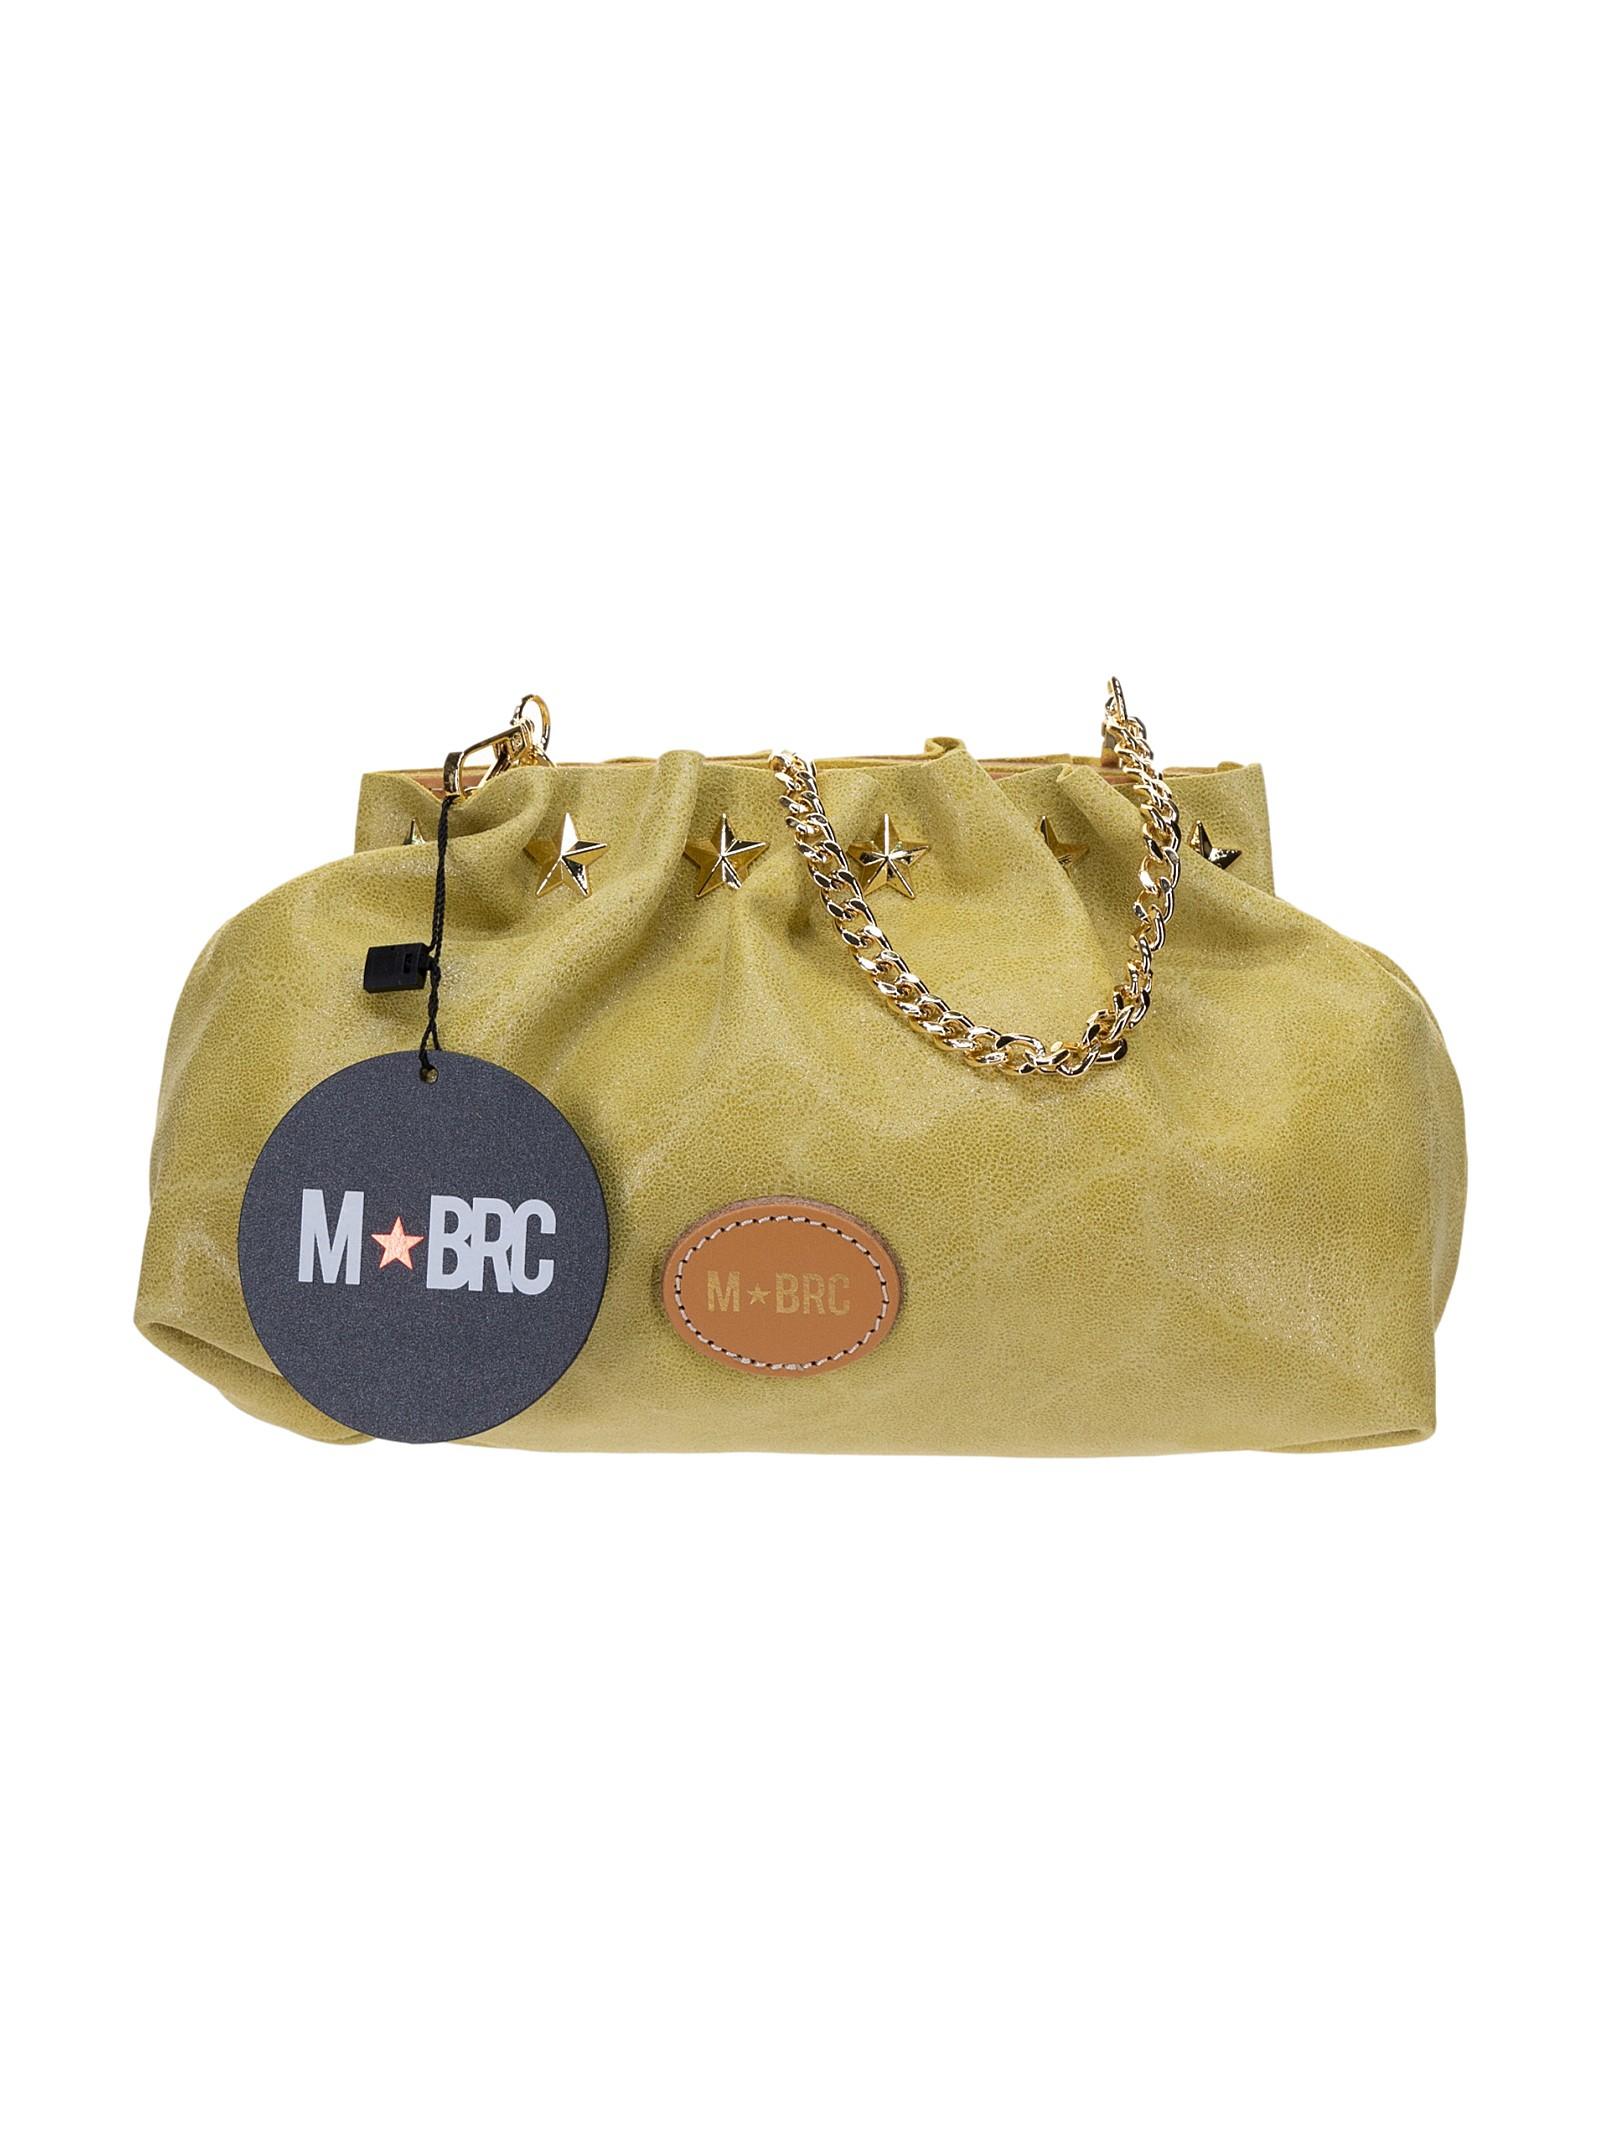 M BRC Borsa Pochette Giallo